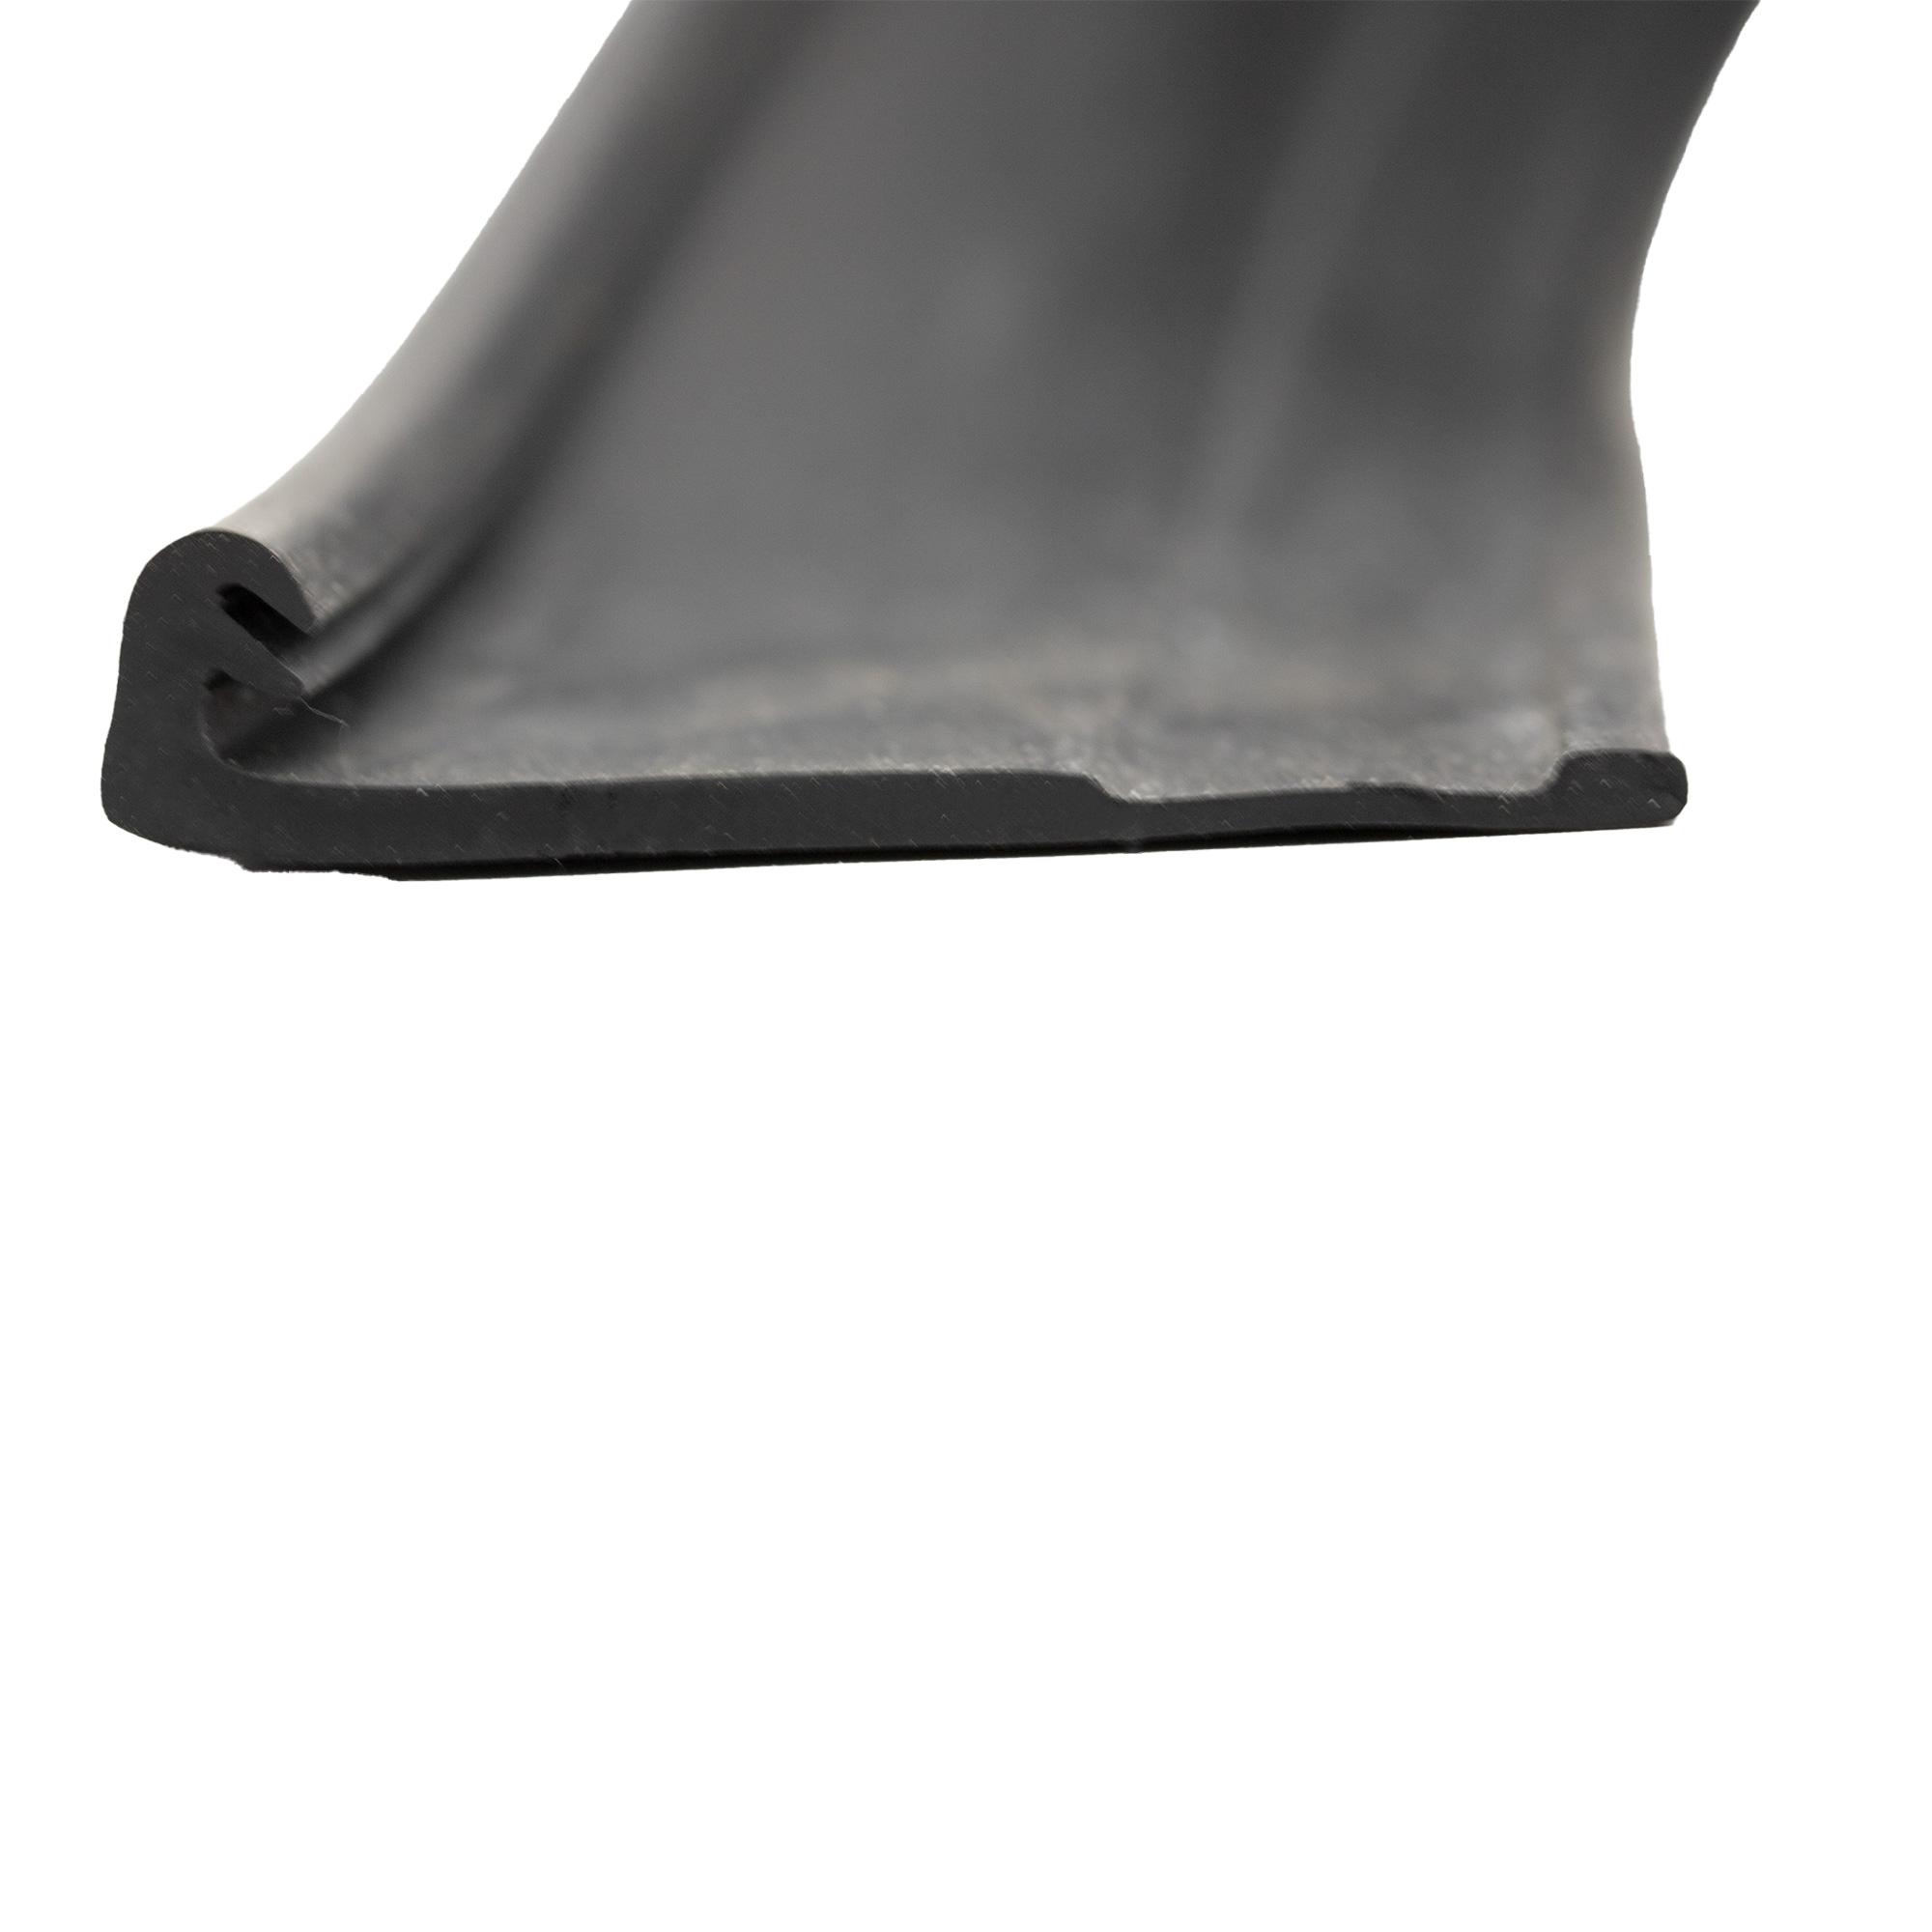 Hörmann Sturzdichtung (60 mm breit)